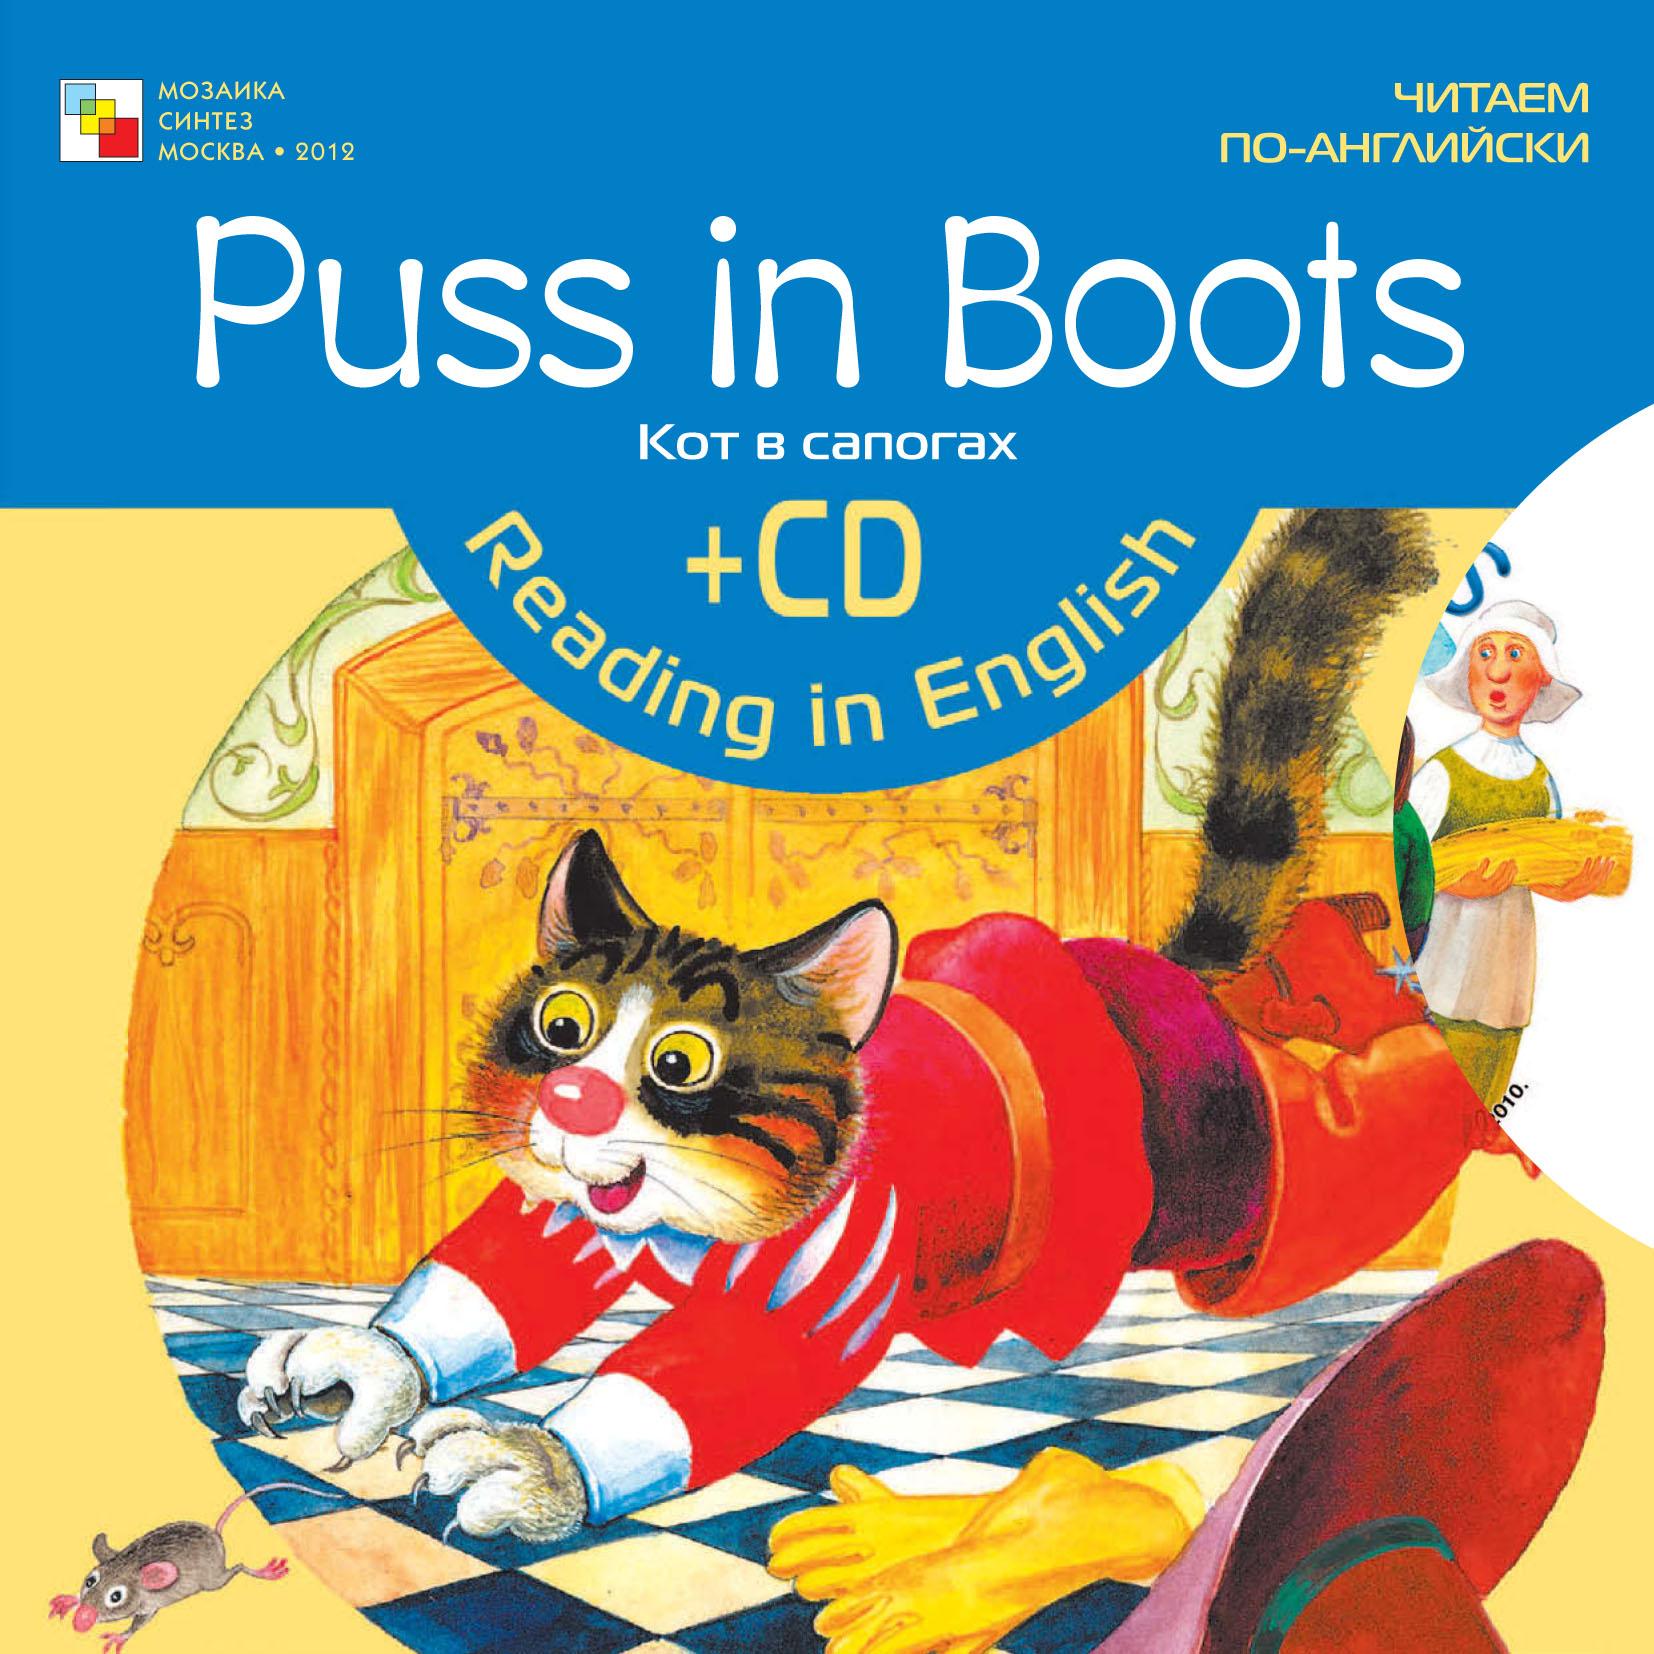 Отсутствует Puss in Boots / Кот  сапогах